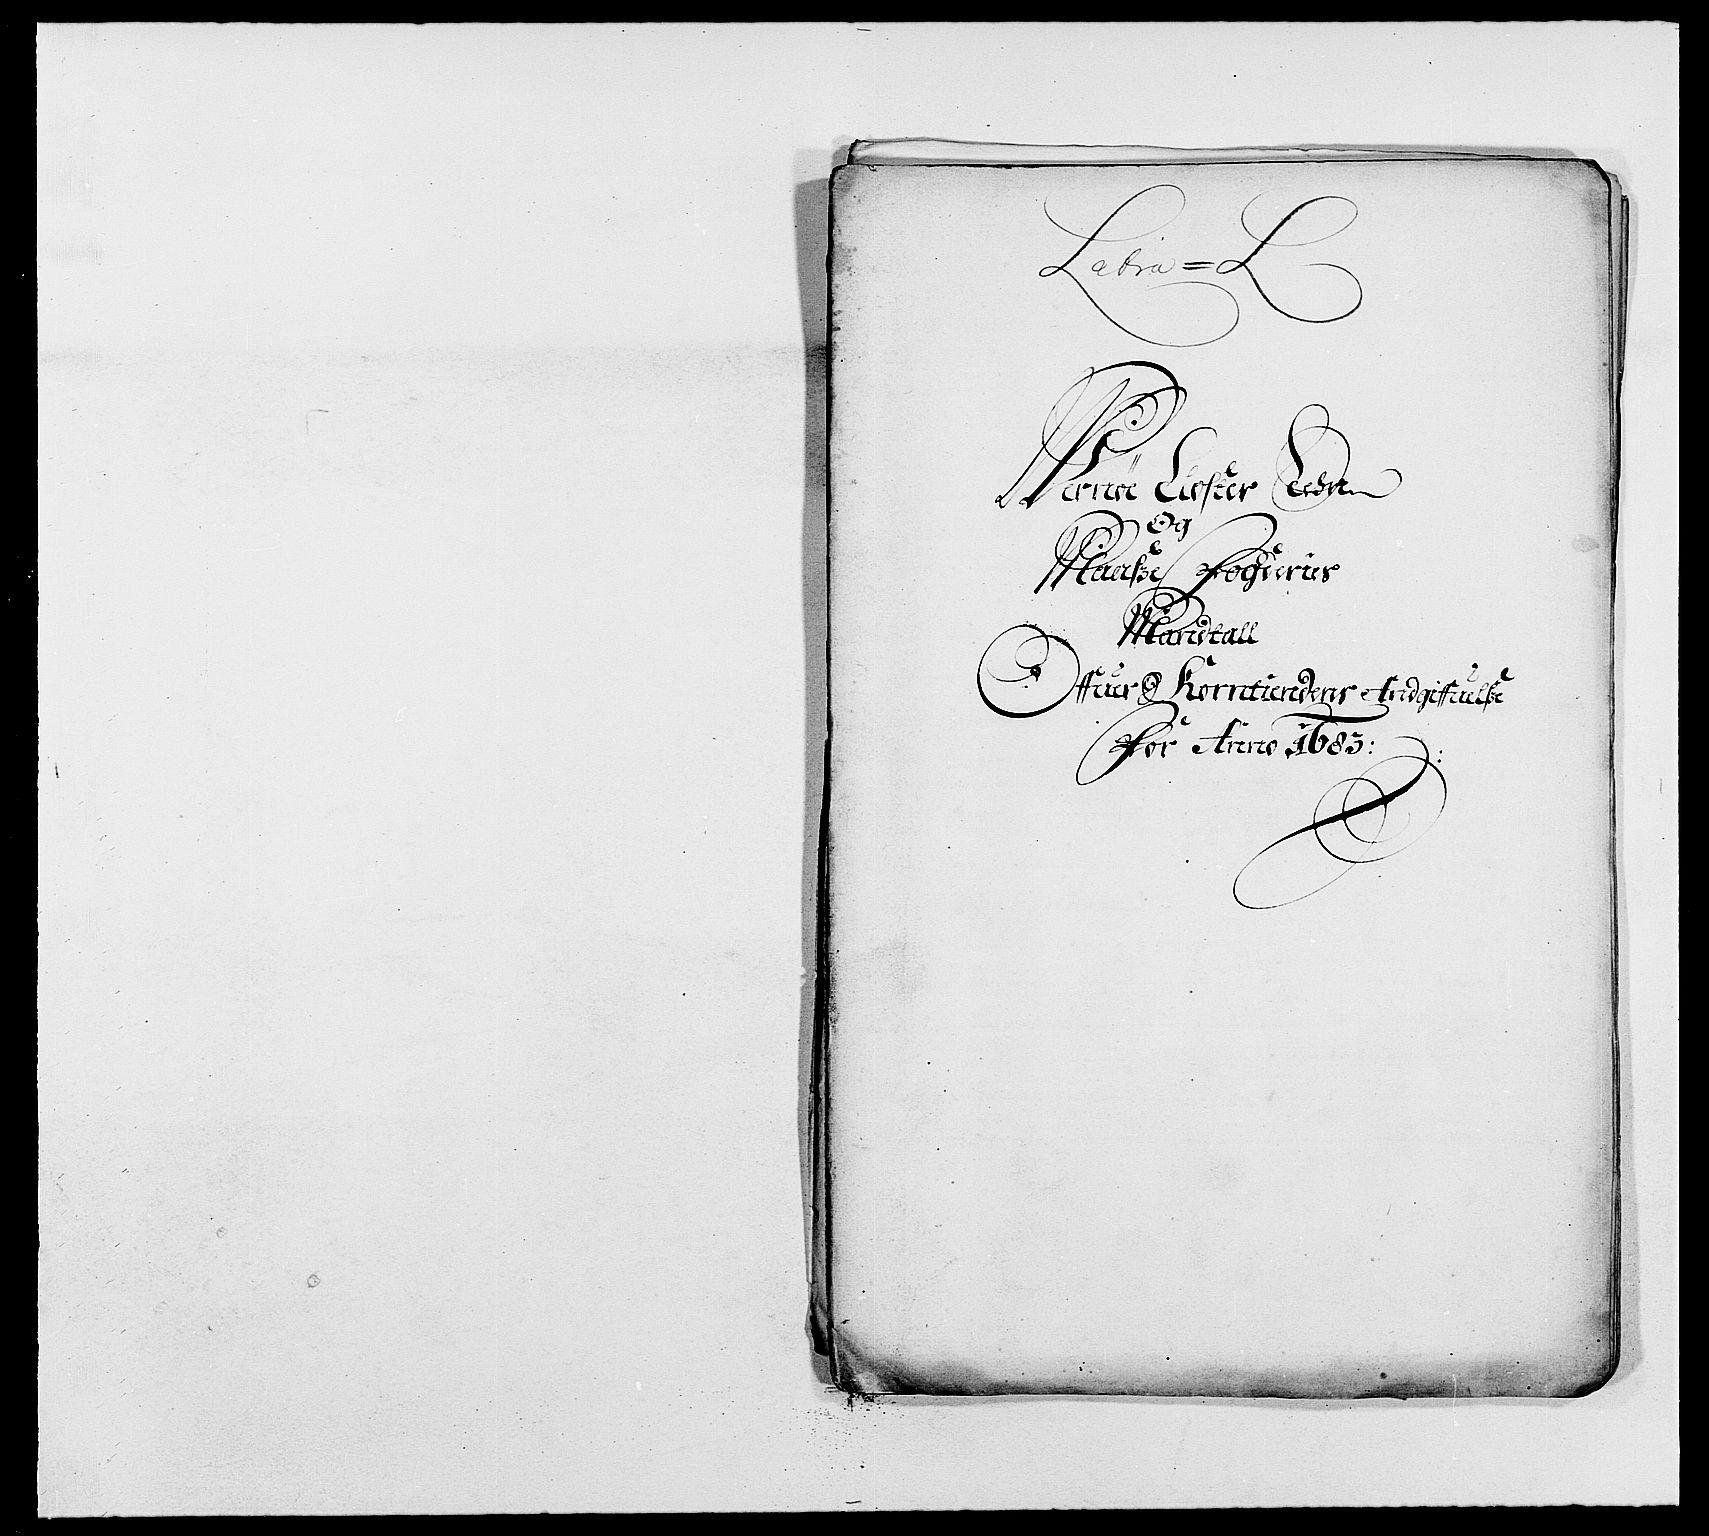 RA, Rentekammeret inntil 1814, Reviderte regnskaper, Fogderegnskap, R02/L0103: Fogderegnskap Moss og Verne kloster, 1682-1684, s. 363